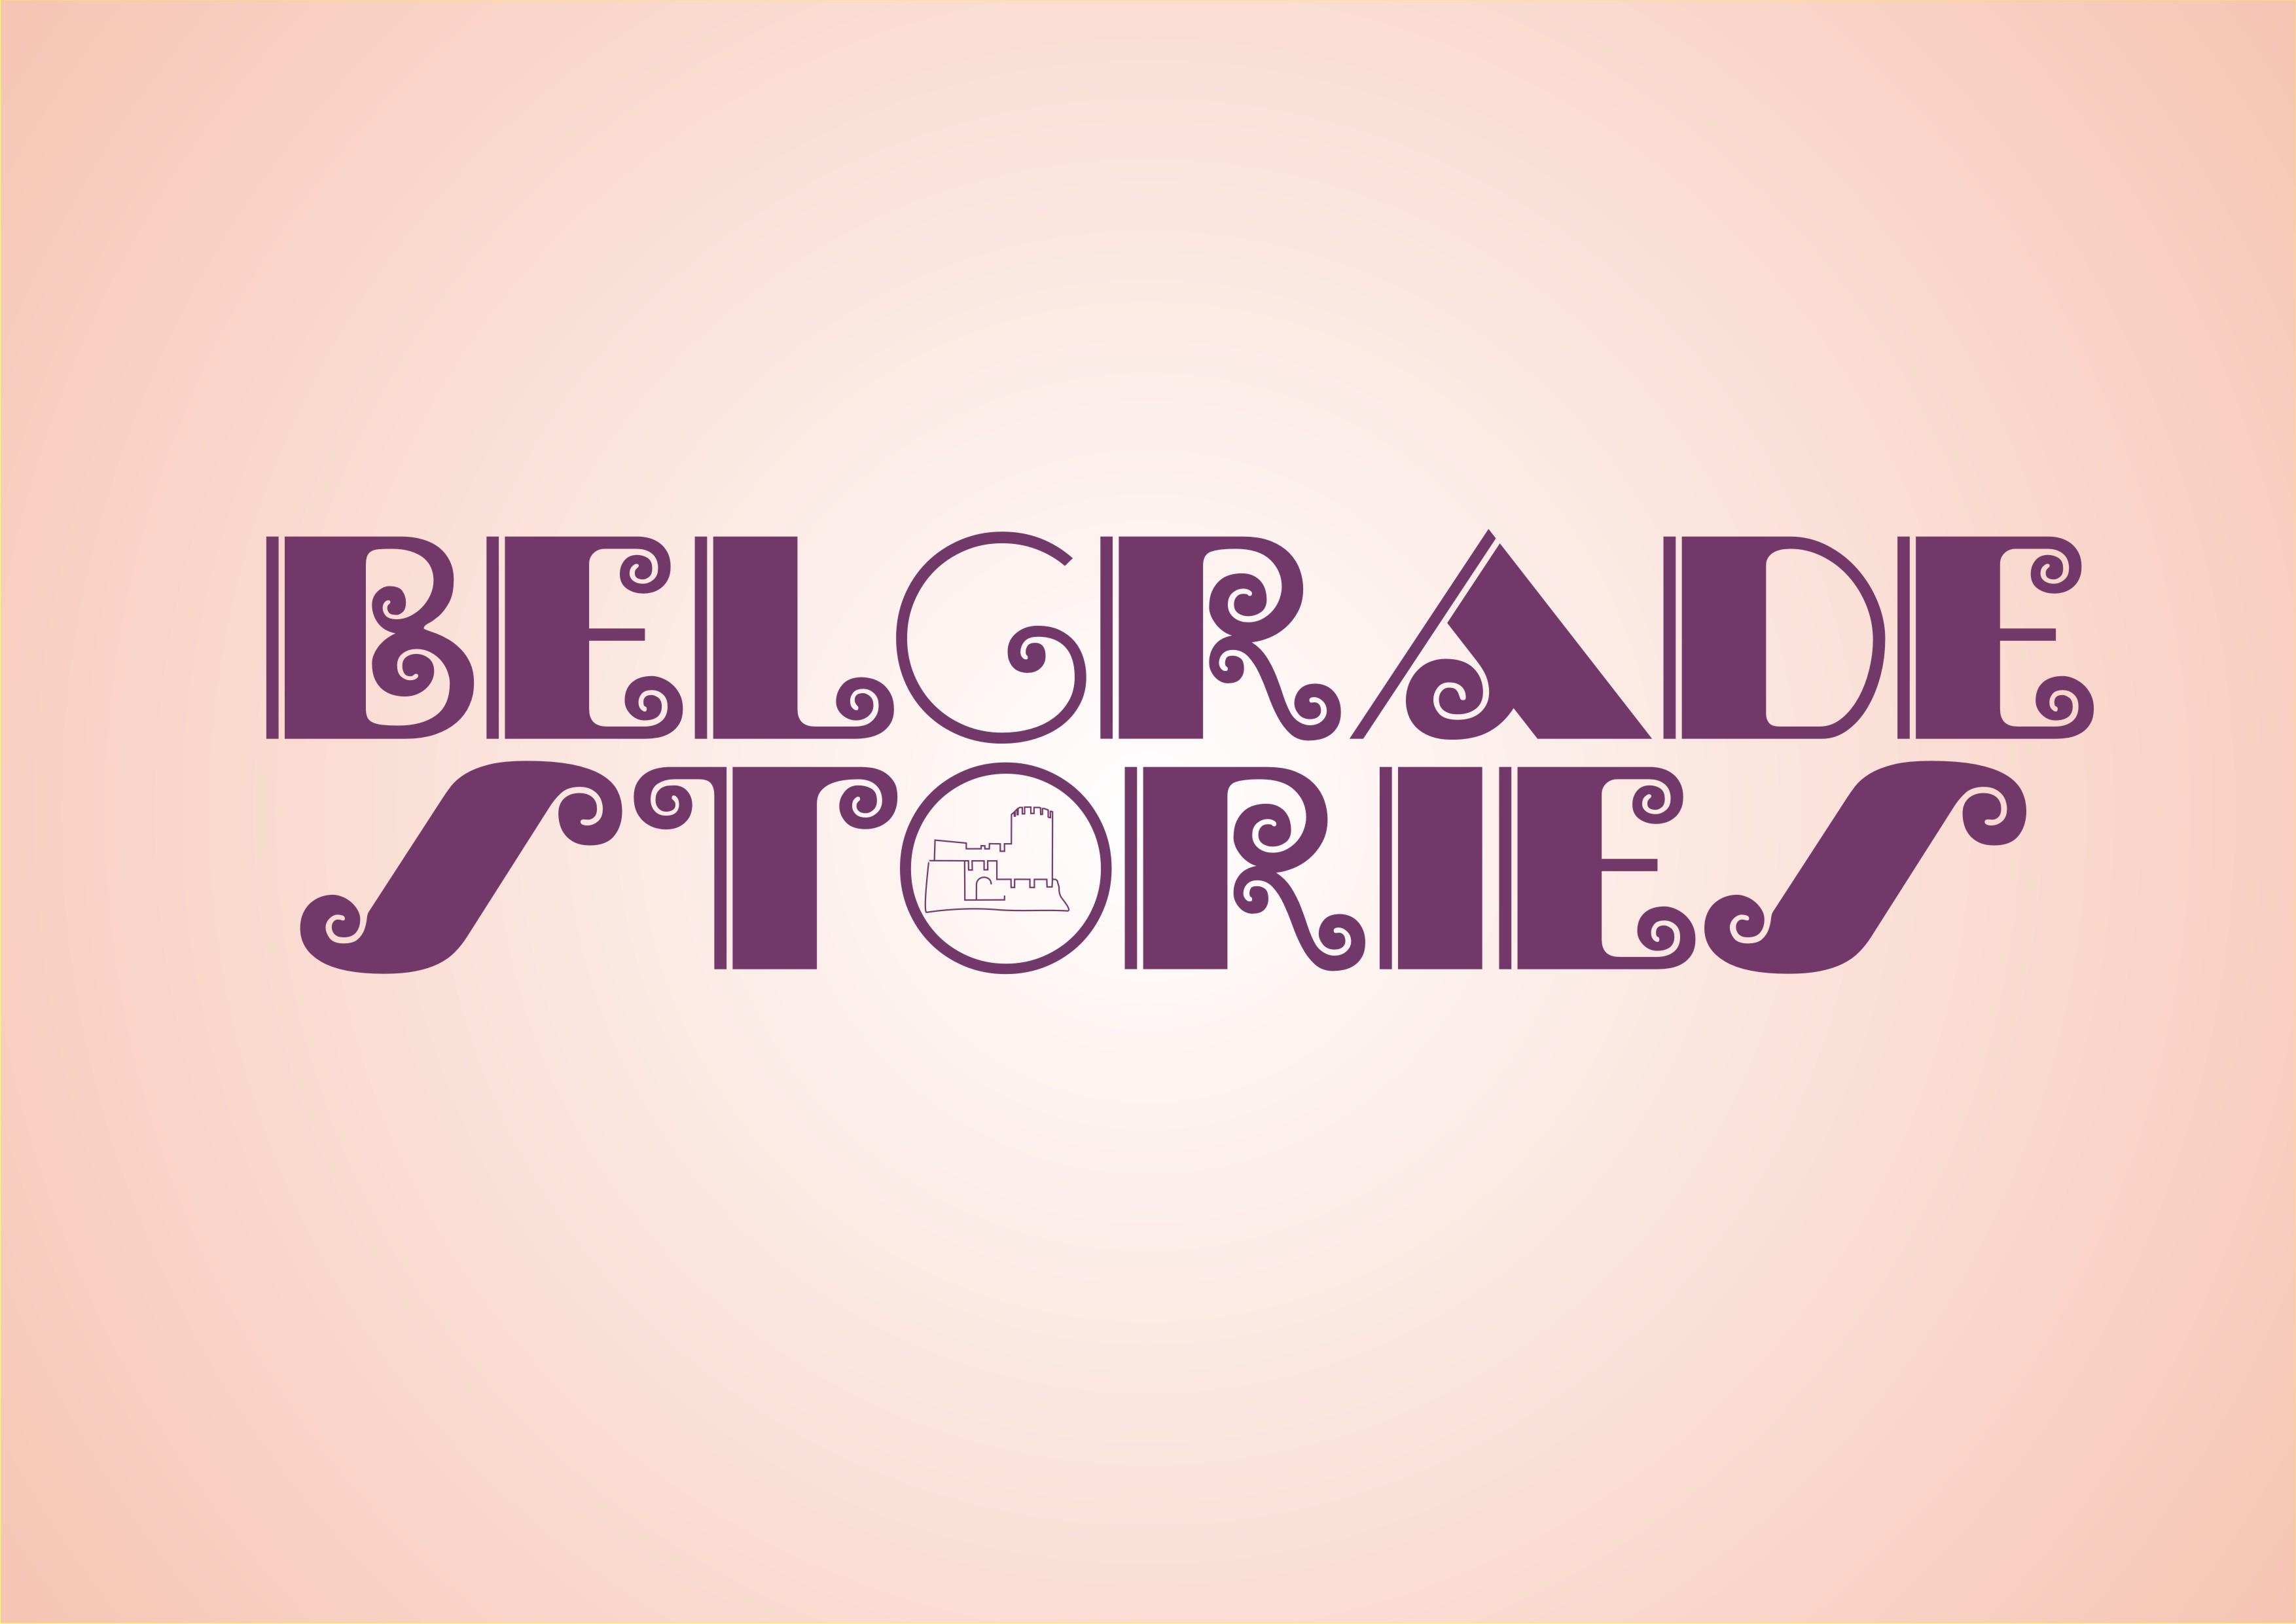 Логотип для агентства городских туров в Белграде фото f_980589261d5bda6e.jpg